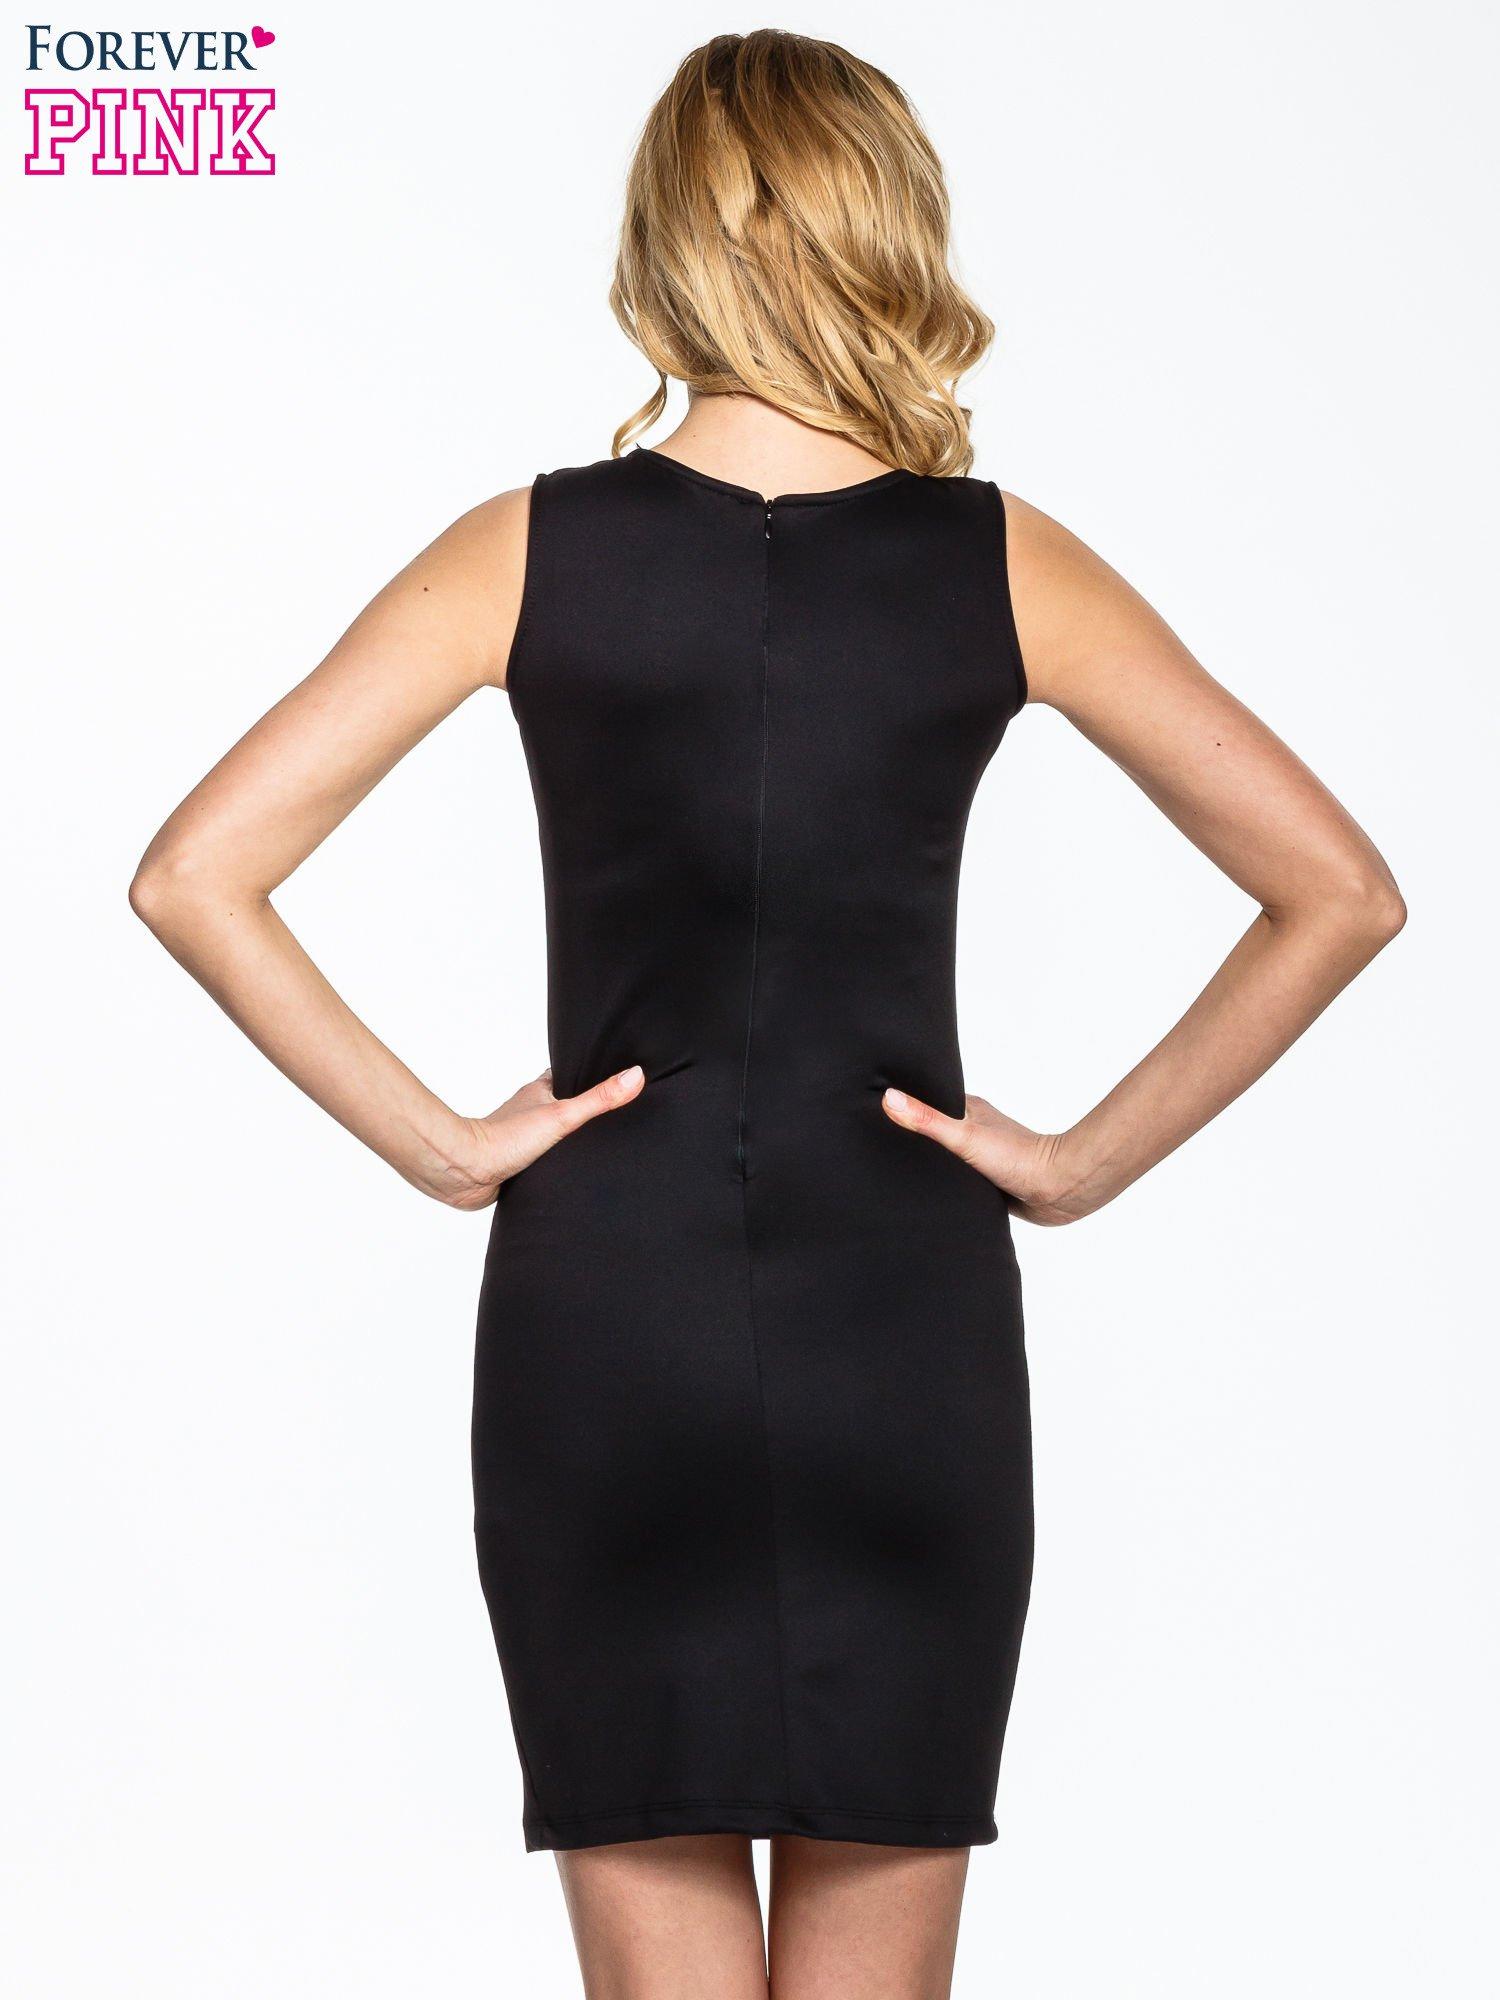 Czarna dopasowana sukienka z wzorem gwiazd                                  zdj.                                  2